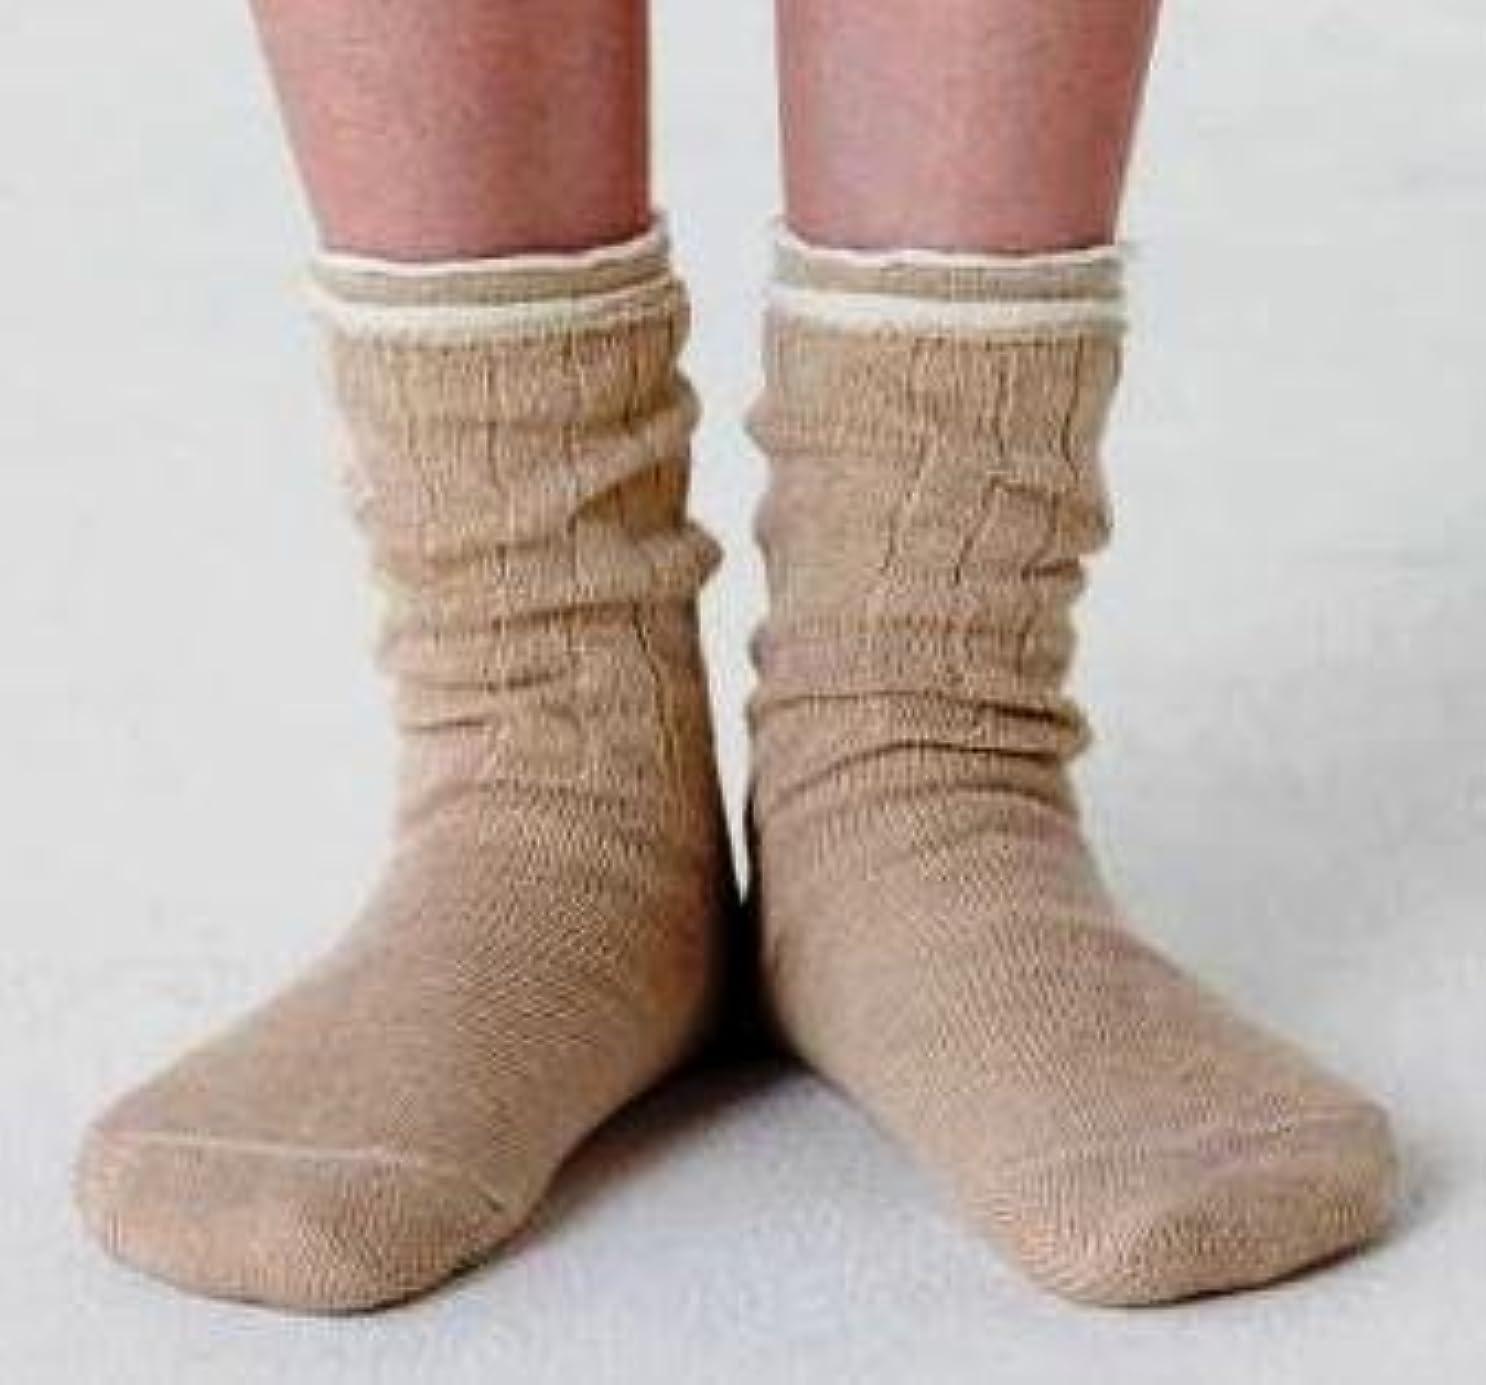 死んでいるマートビル冷え取り靴下 4枚重ね履きソックス(絹?綿?絹?綿) サイズ:22~24.5cm